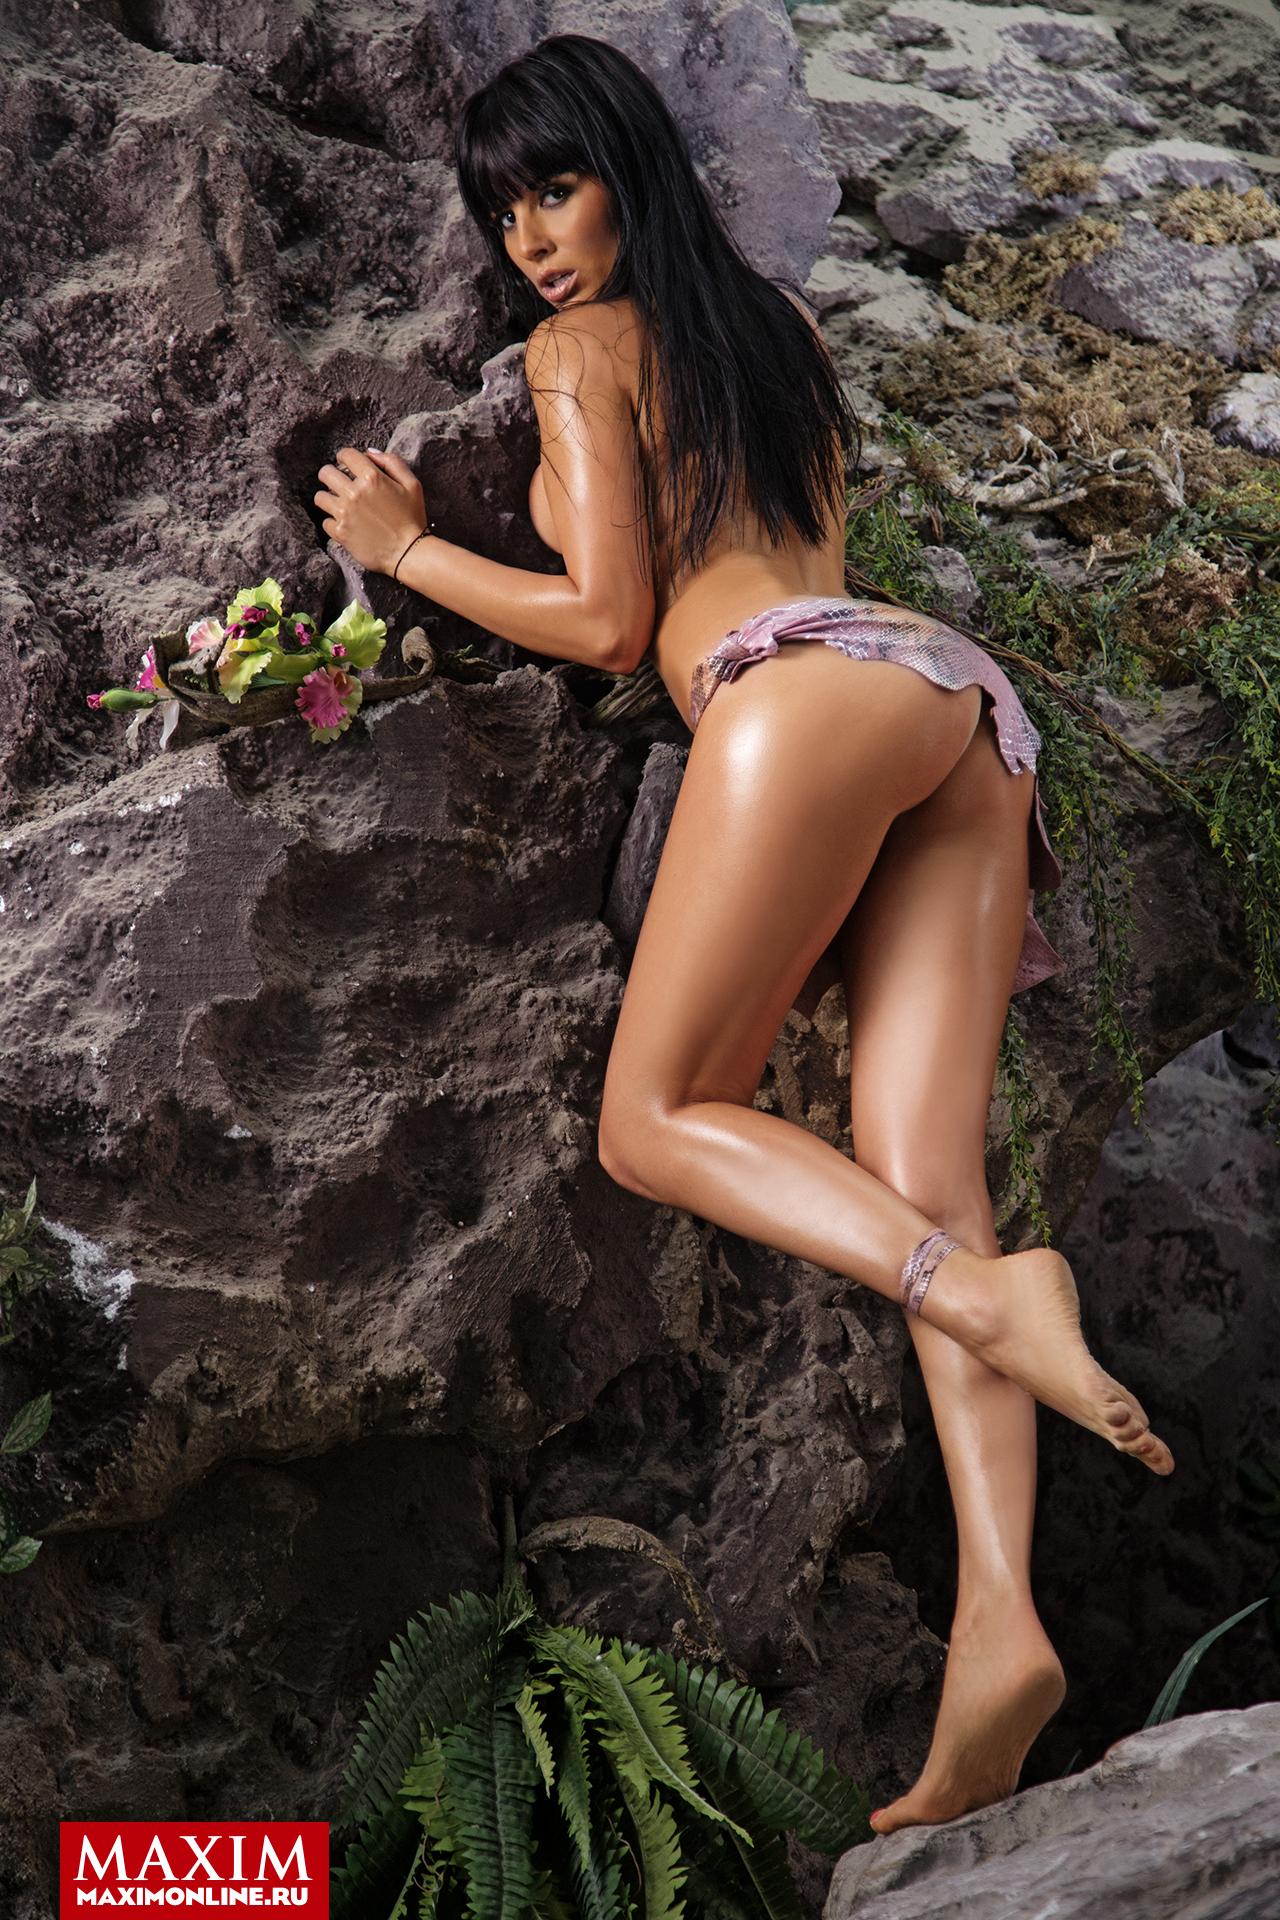 Посмотреть самые новые порно фото нелли ермолаевой 4 фотография